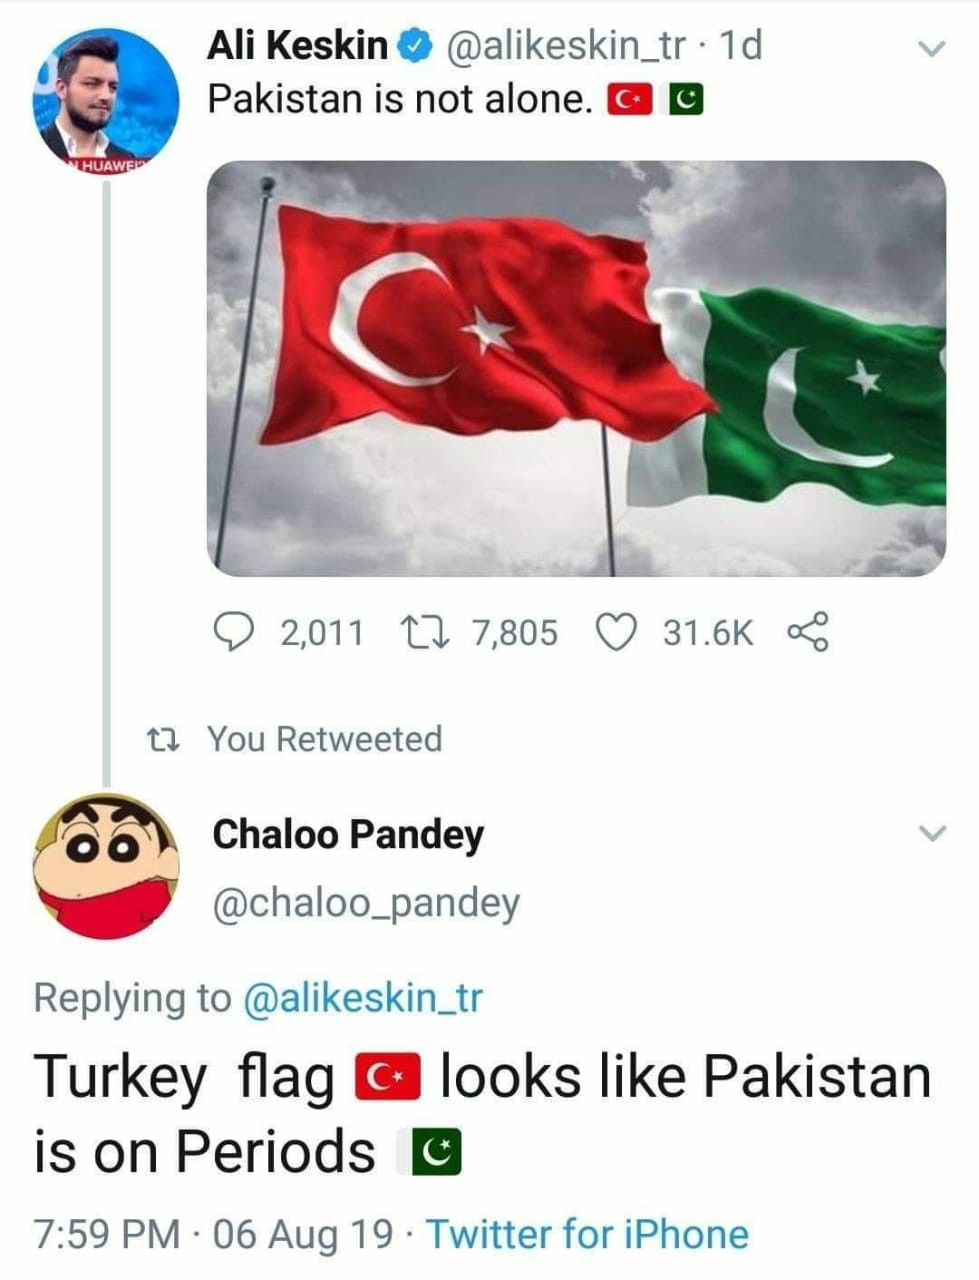 Pin by Jasvinder Kaur on India ️ Turkey flag,